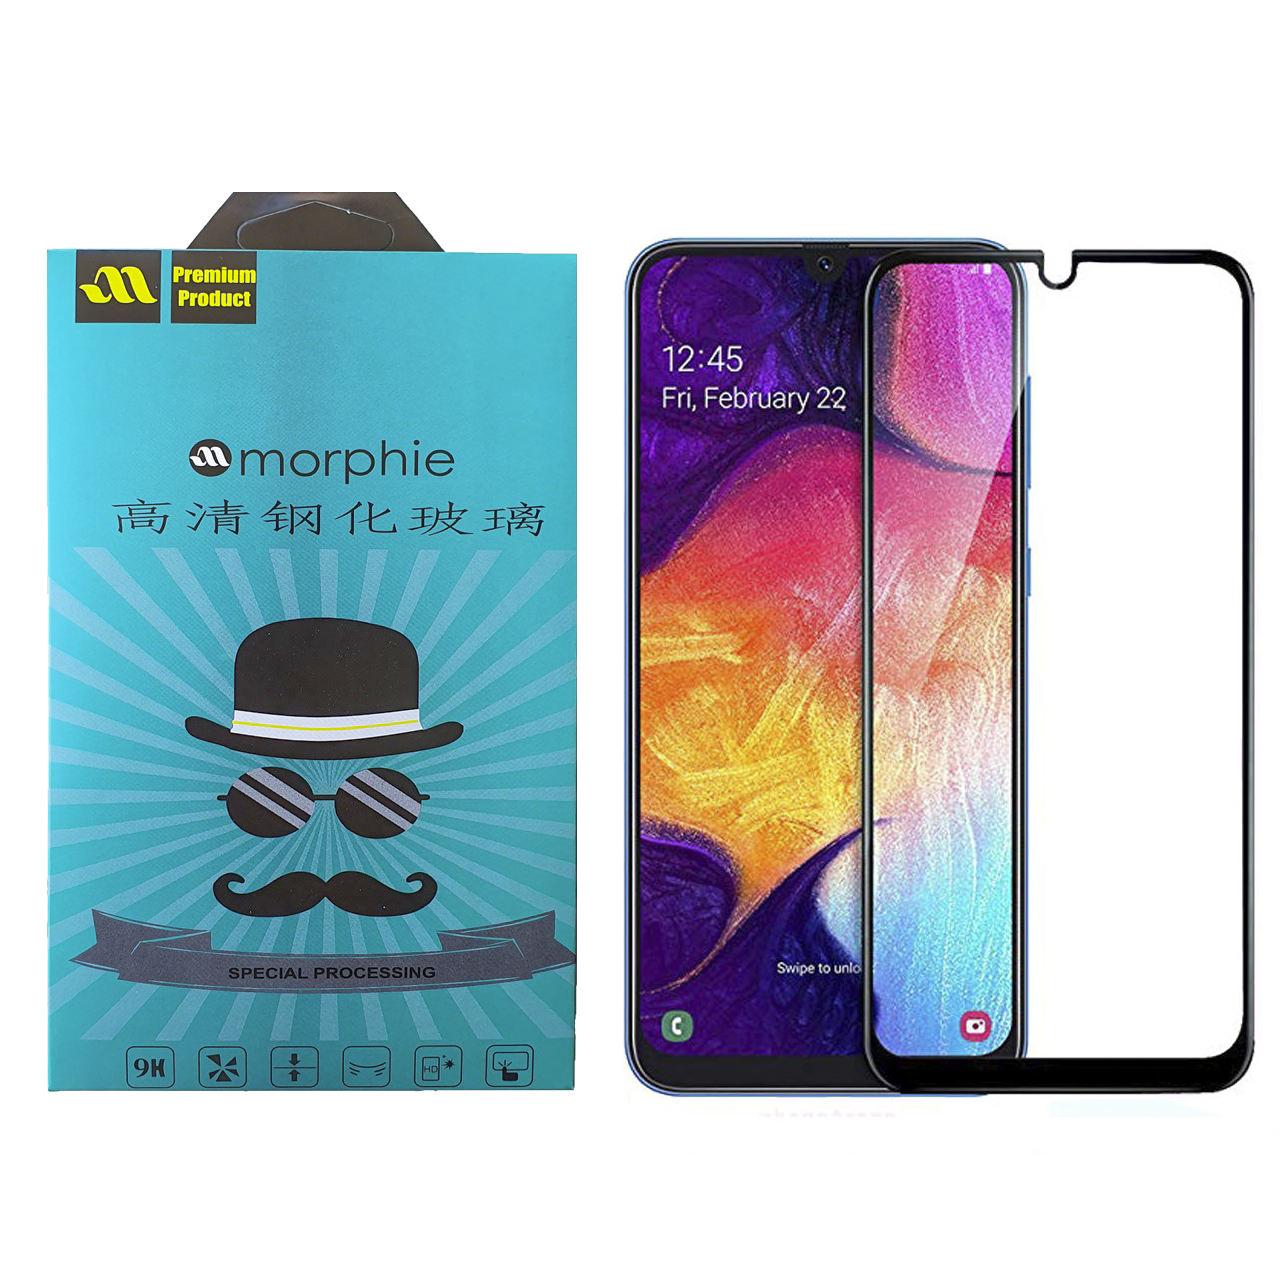 محافظ صفحه نمایش 6D مورفی مدل MR7 مناسب برای گوشی موبایل سامسونگ Galaxy A10